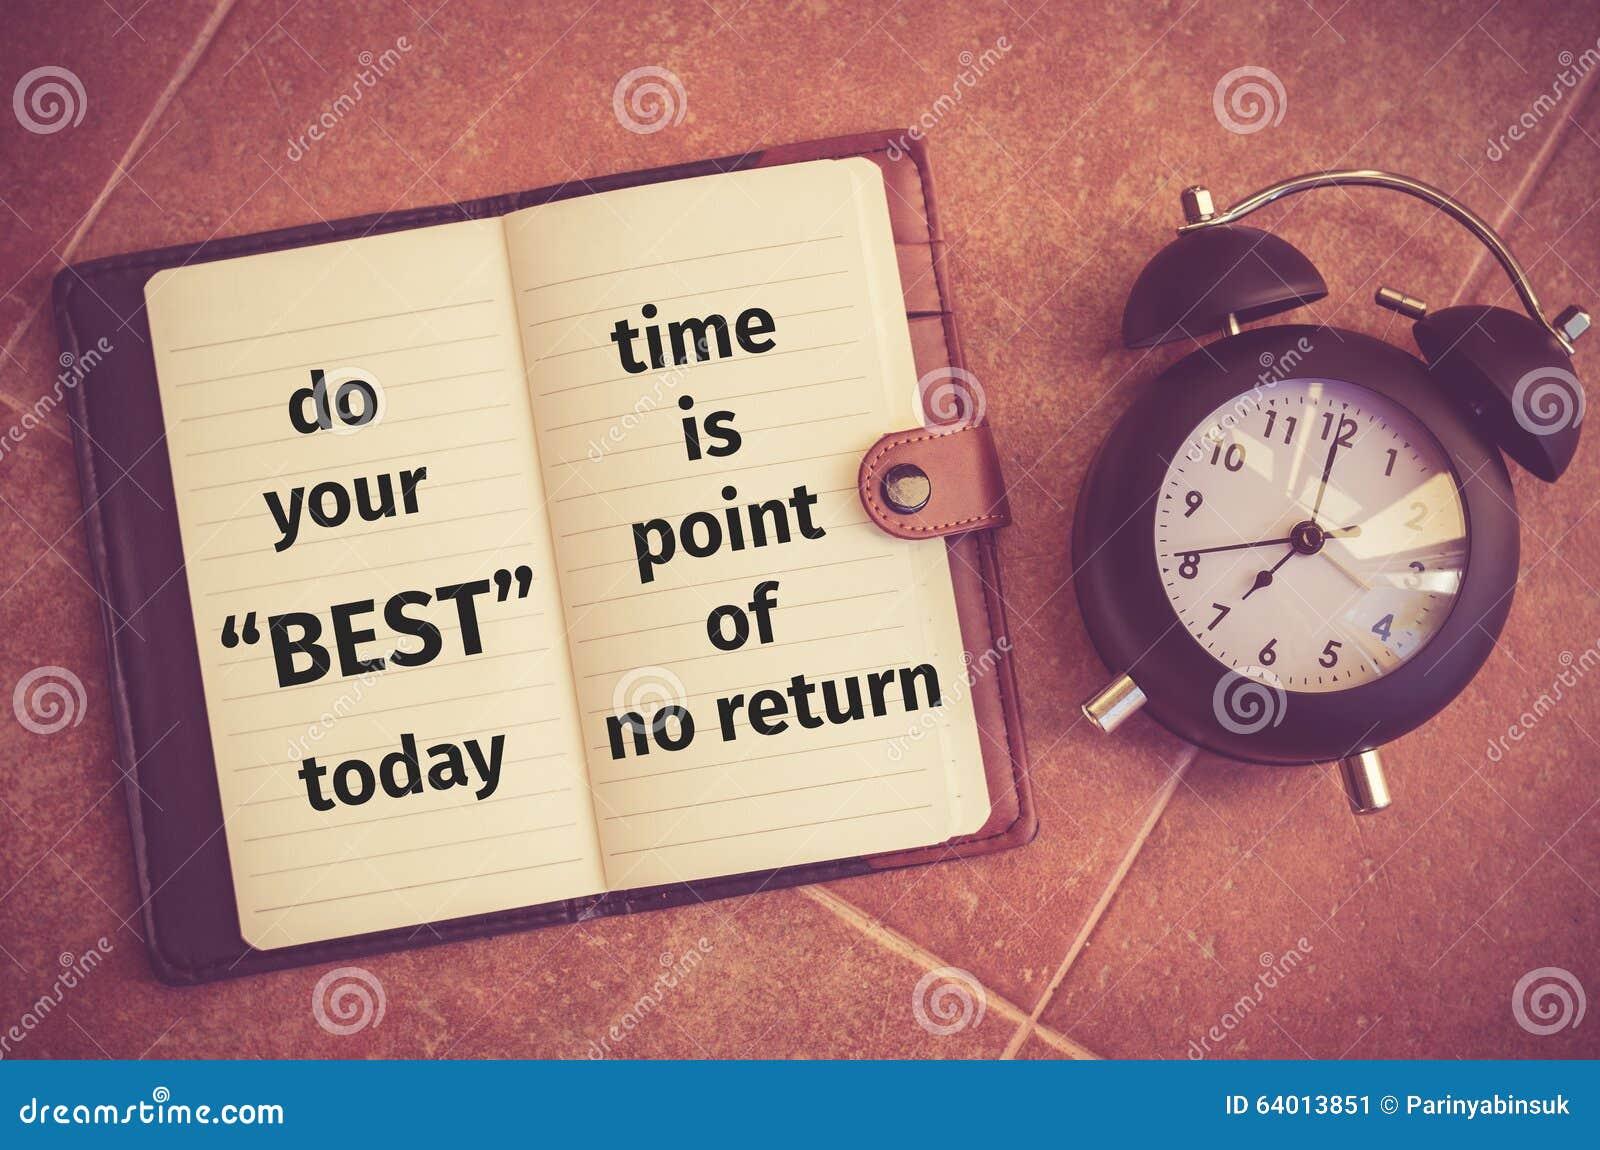 Inspirationszitat: Tun Sie Ihr Bestes heute